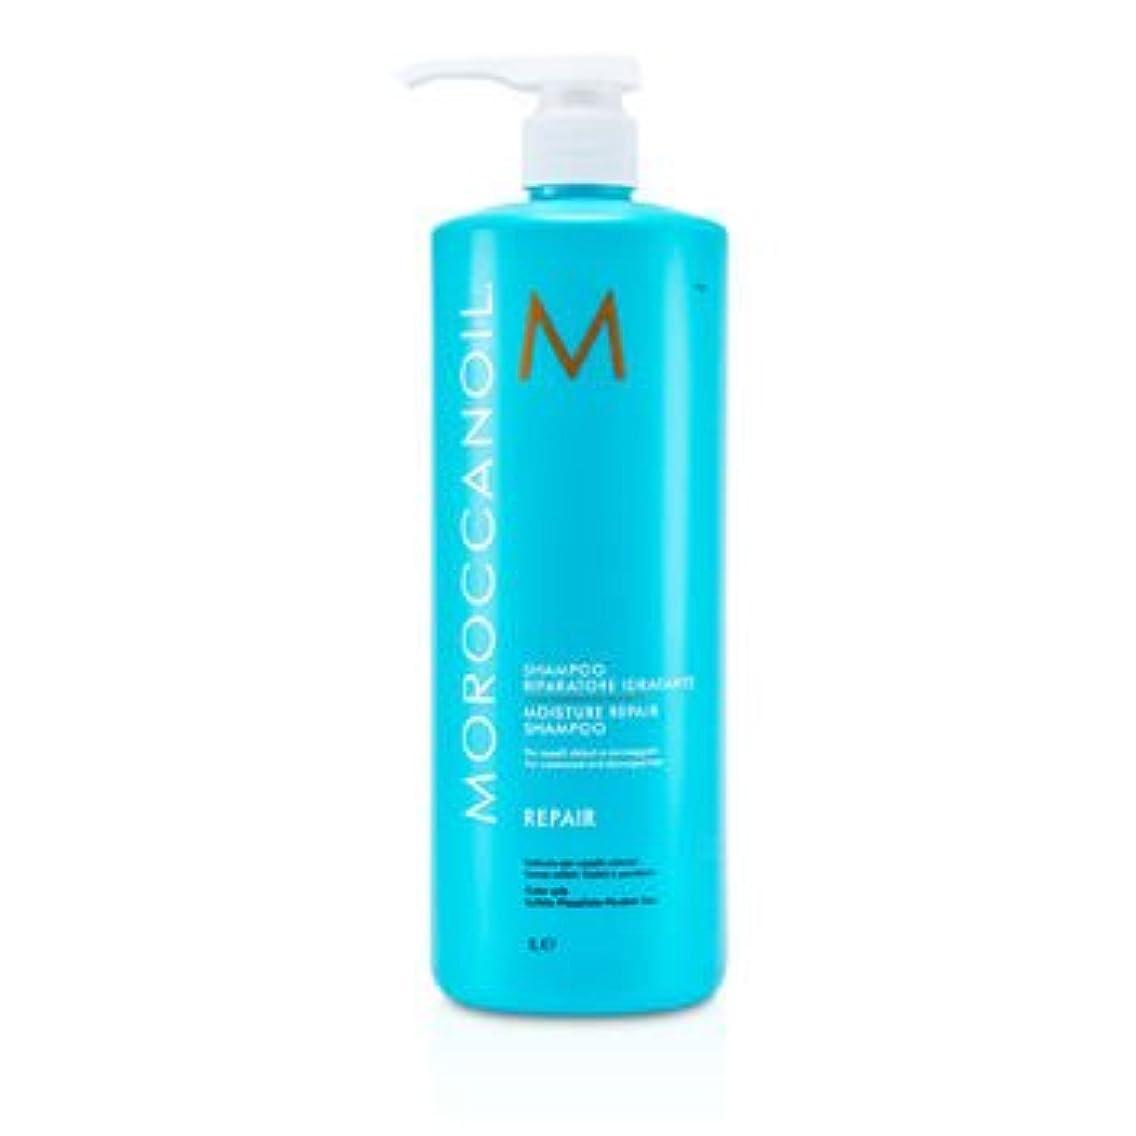 迷惑昨日酸度モロッカンオイル モイスチャーリペアシャンプー (カラー/ケミカリーダメージドヘア) 1000ml/33.8oz並行輸入品